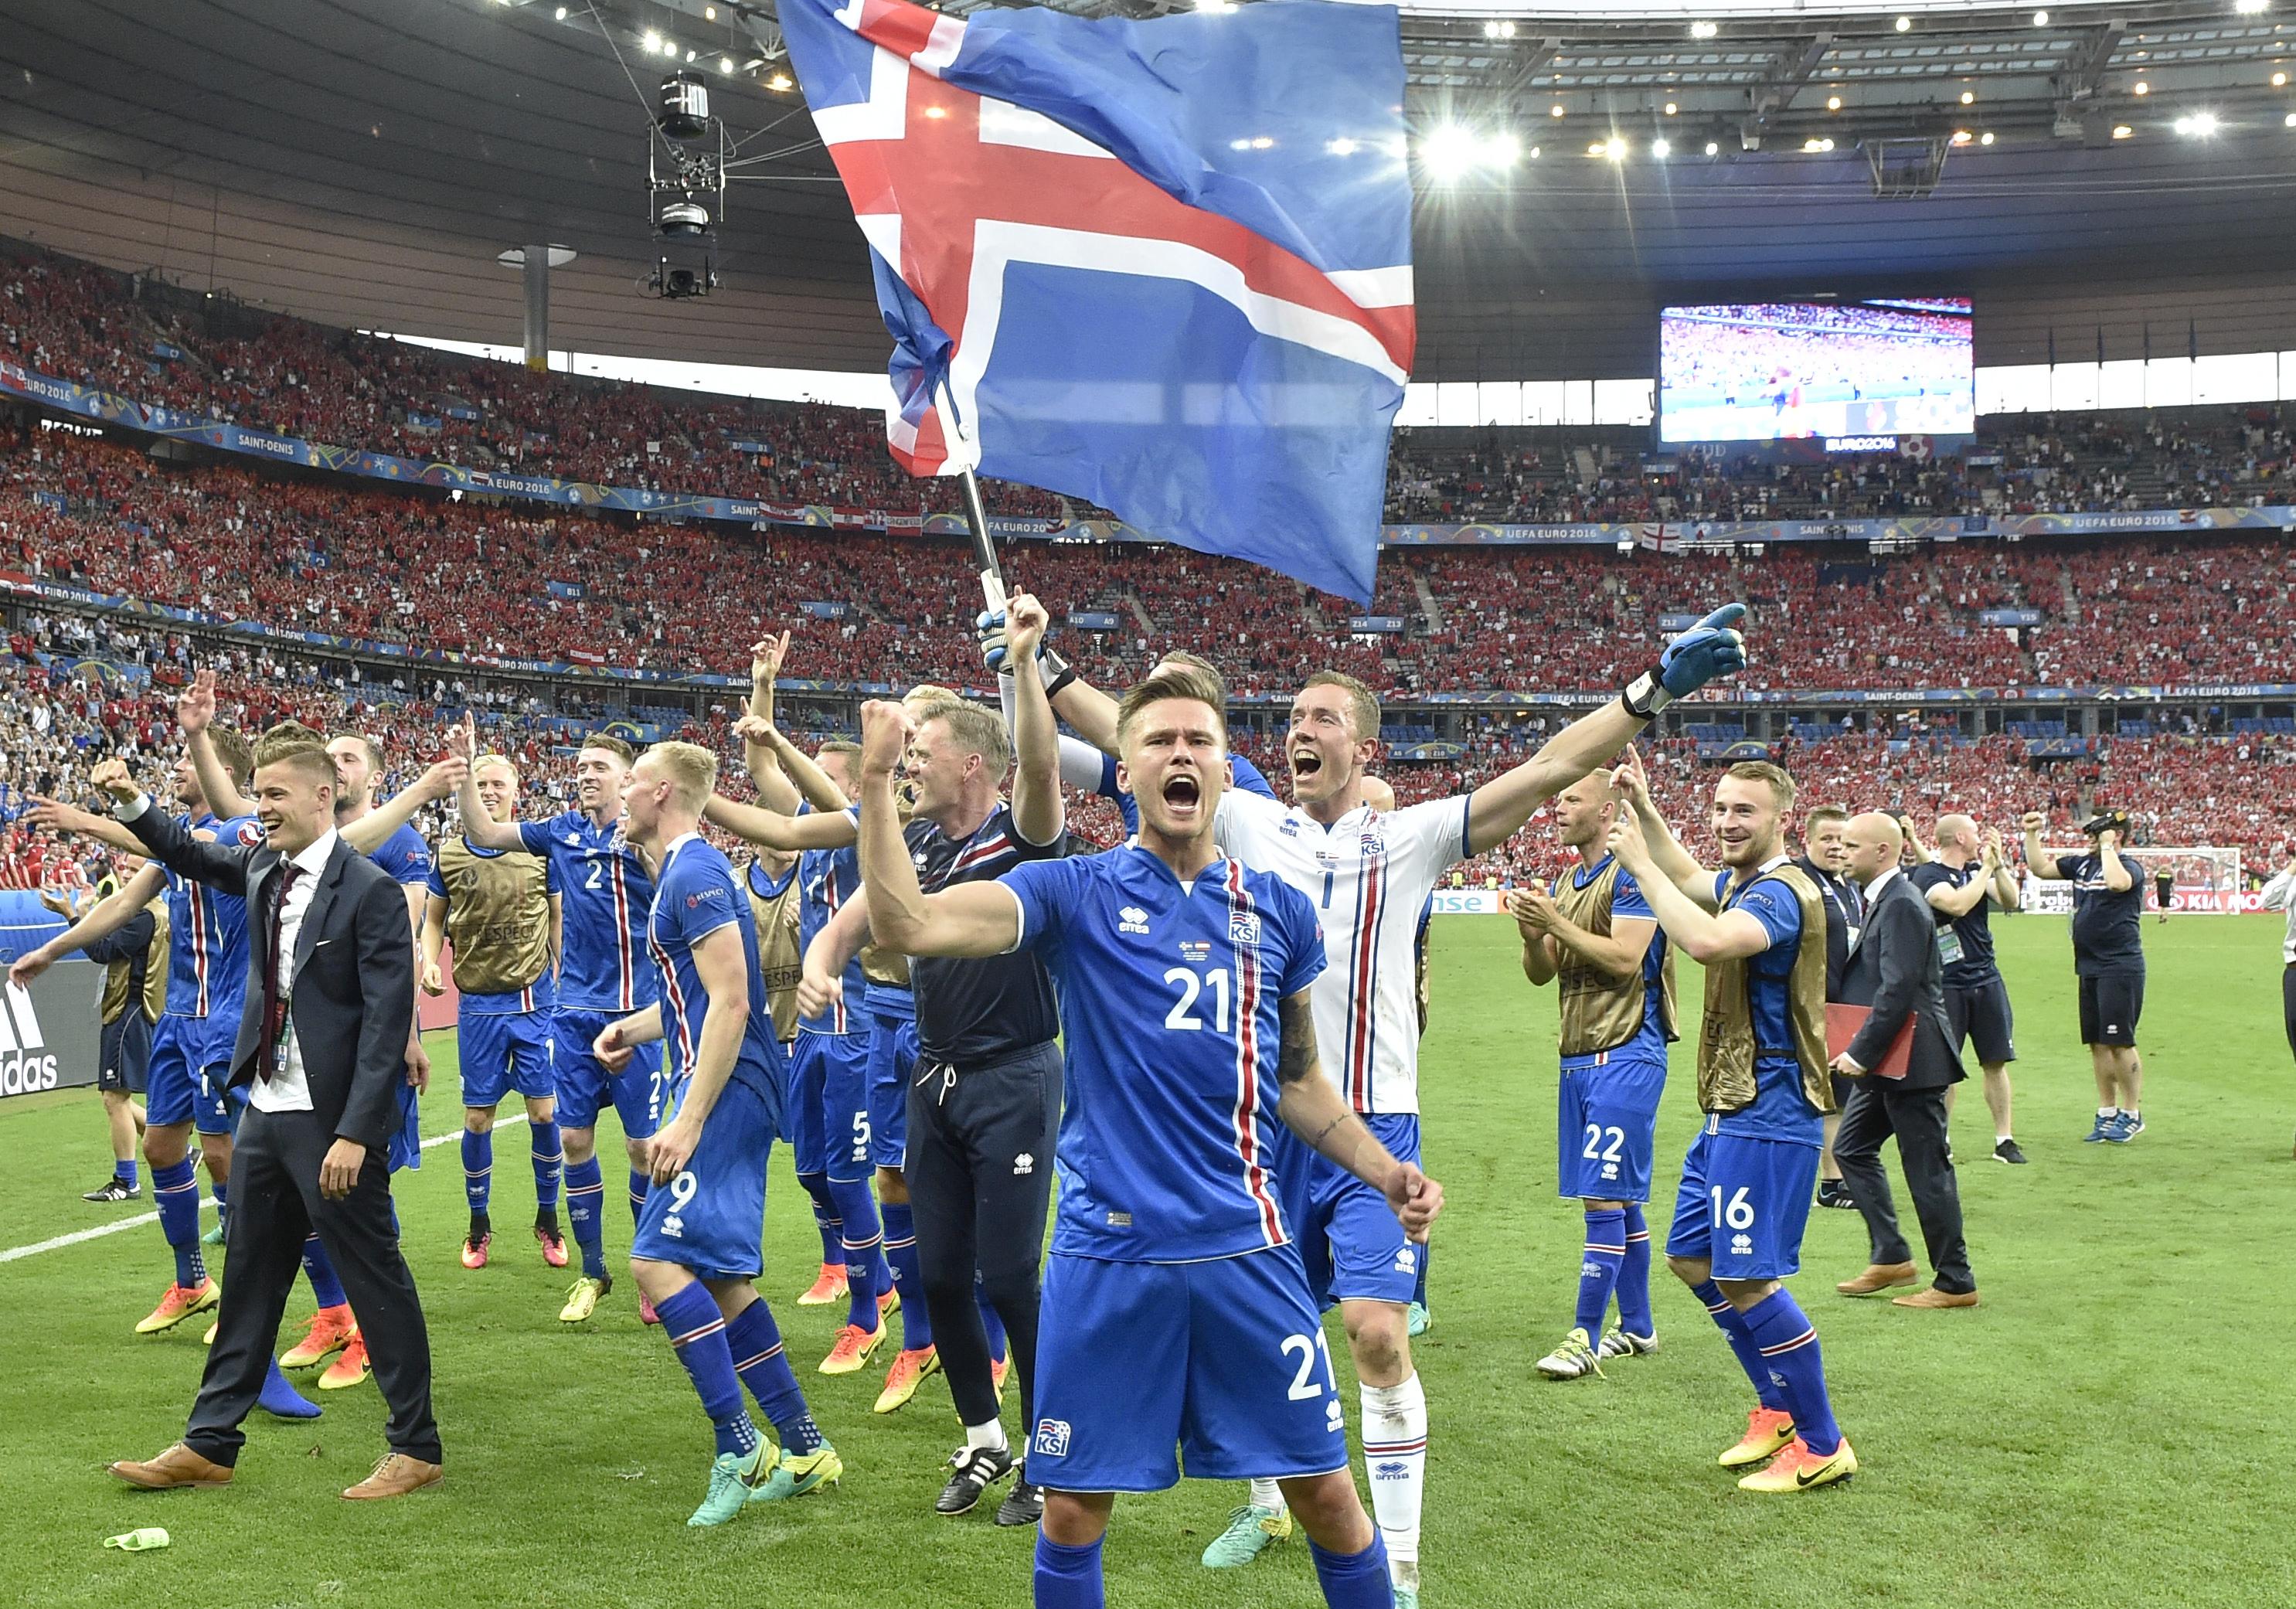 El equipo islandés dejó afuera a Inglaterra y aseguró su clasificación en la próxima etapa de la Eurocopa (AP)